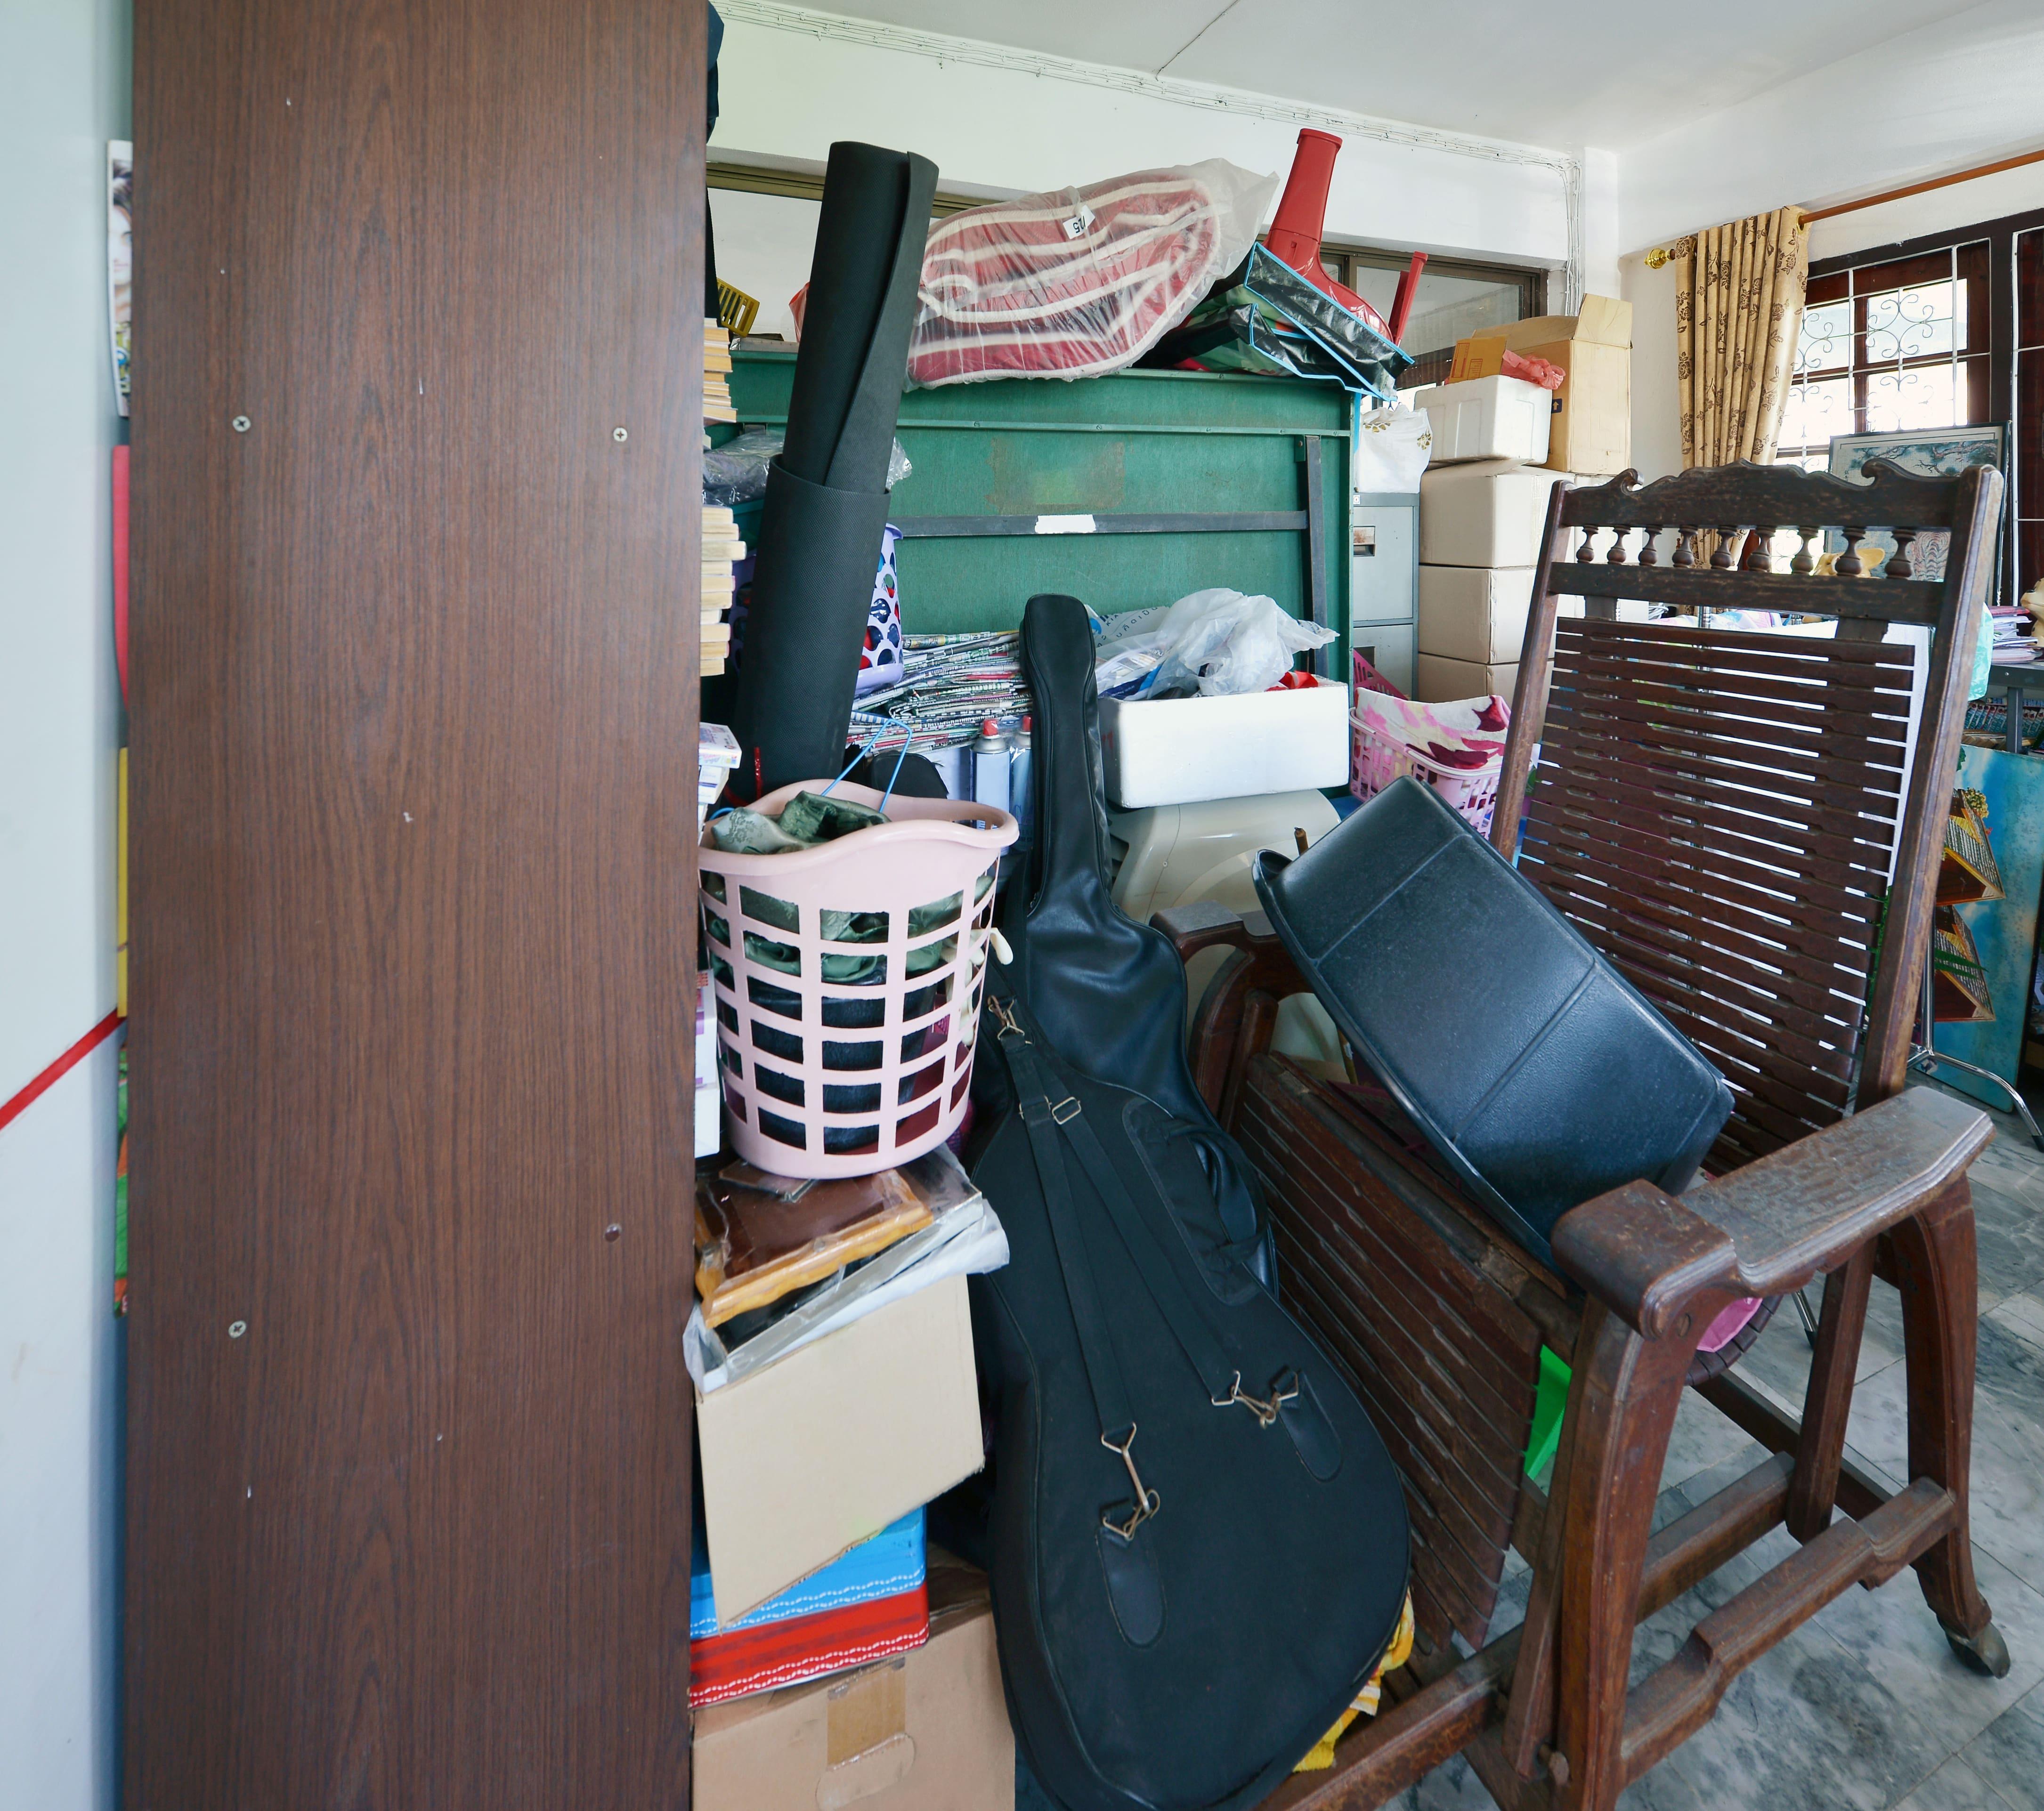 Bradenton home cleanout mistakes